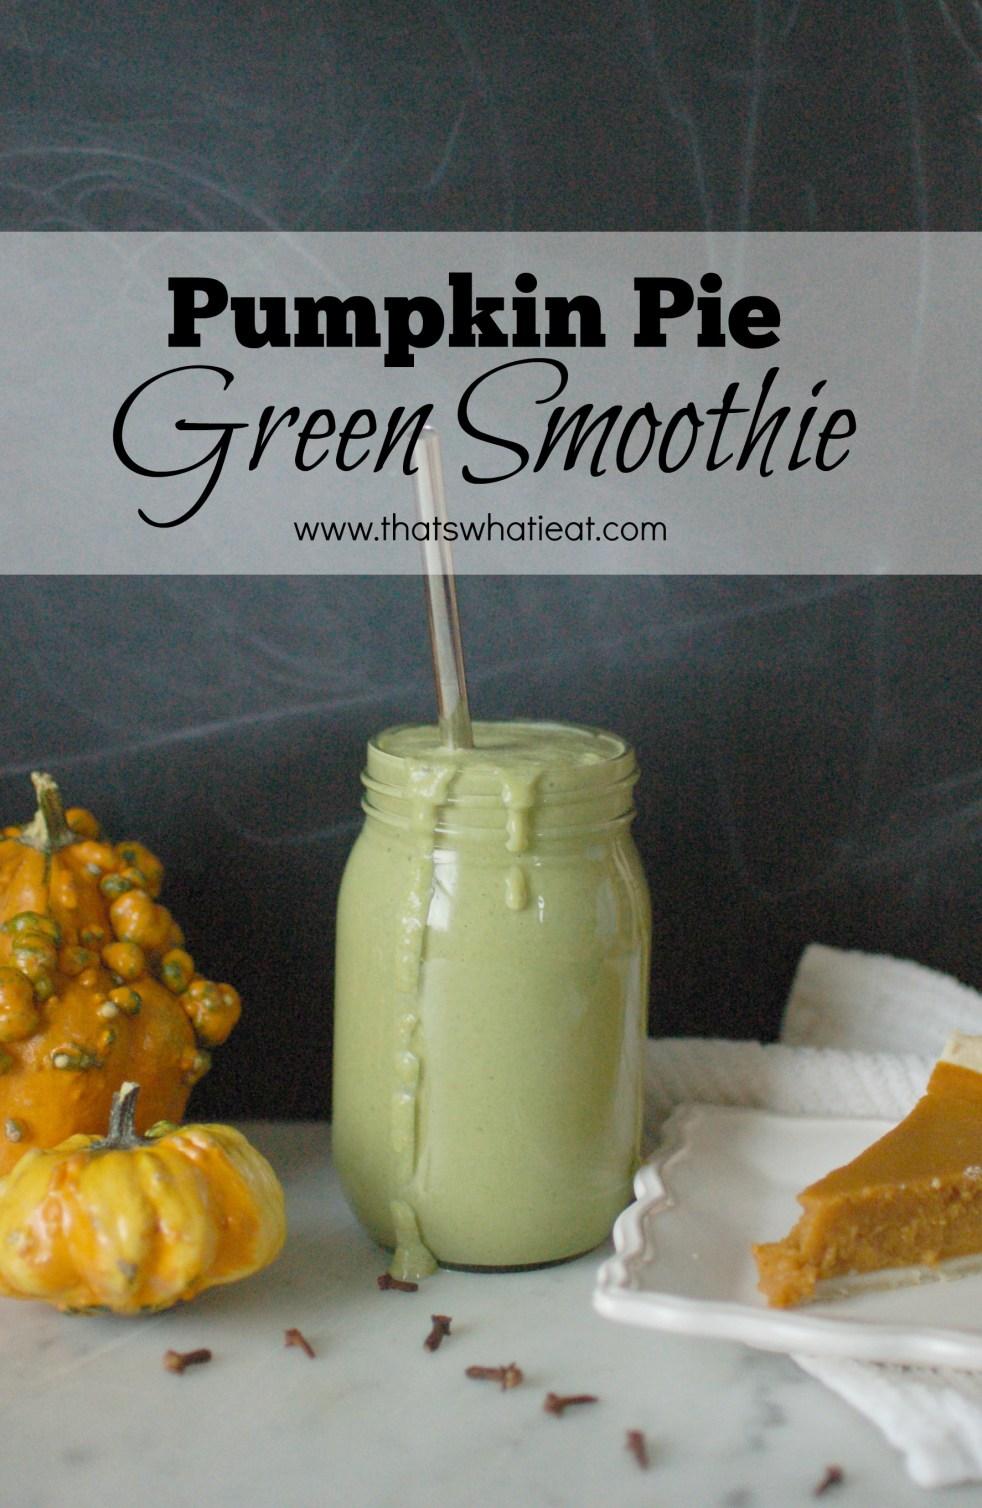 Pumpkin Pie Green Smoothie